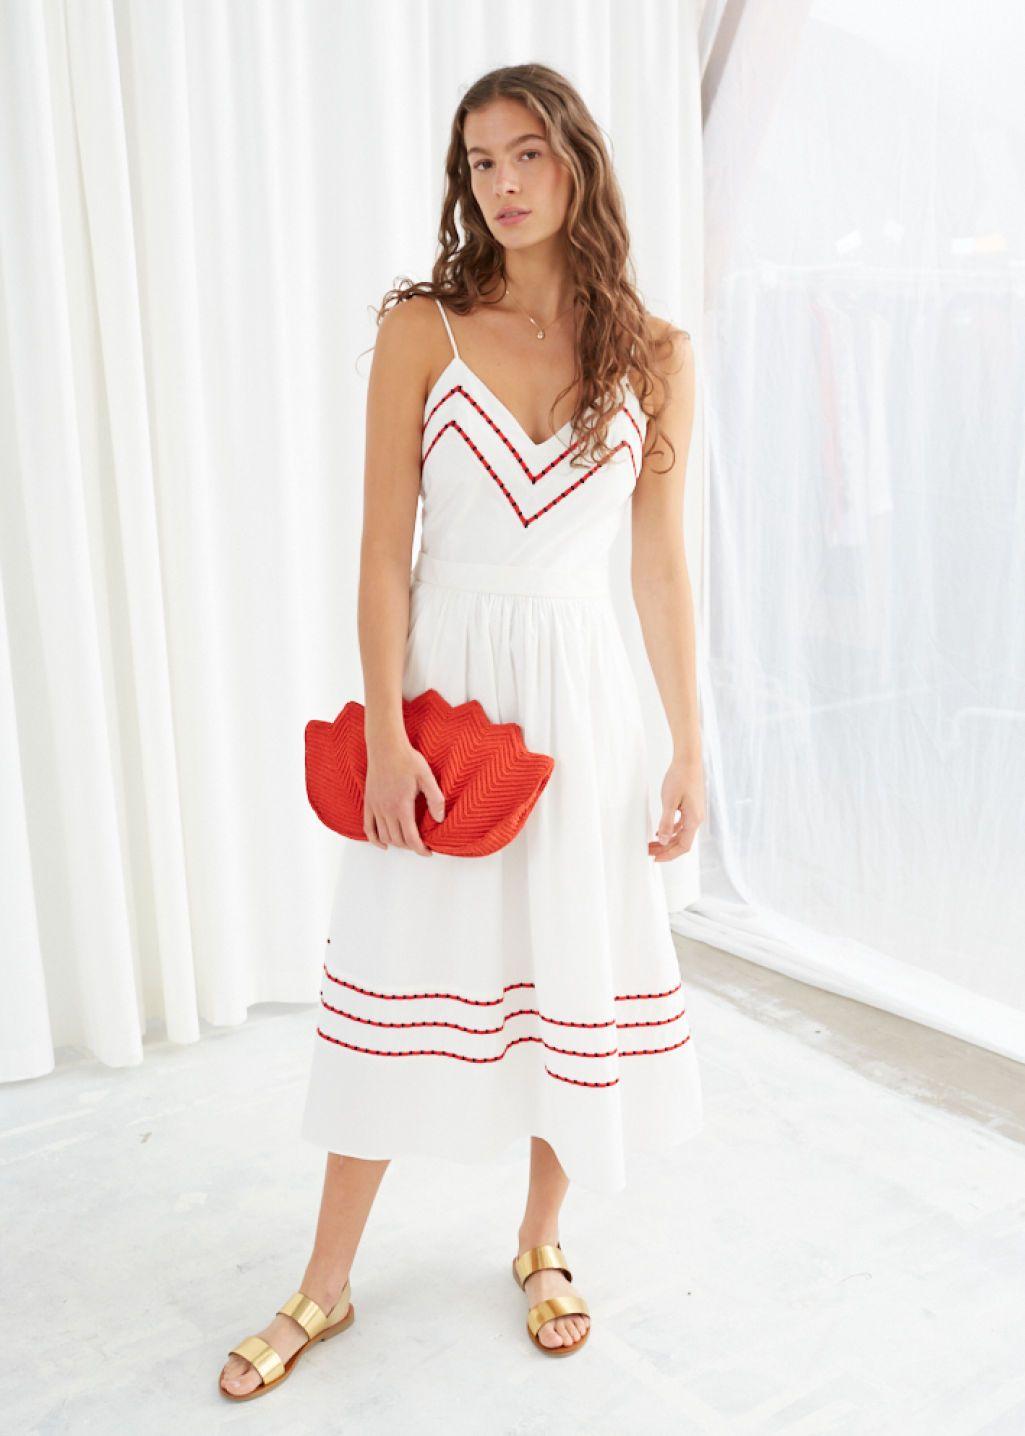 eeac10bf7 Chevron A-Line Cotton Dress - White - Midi dresses -   Other Stories ...